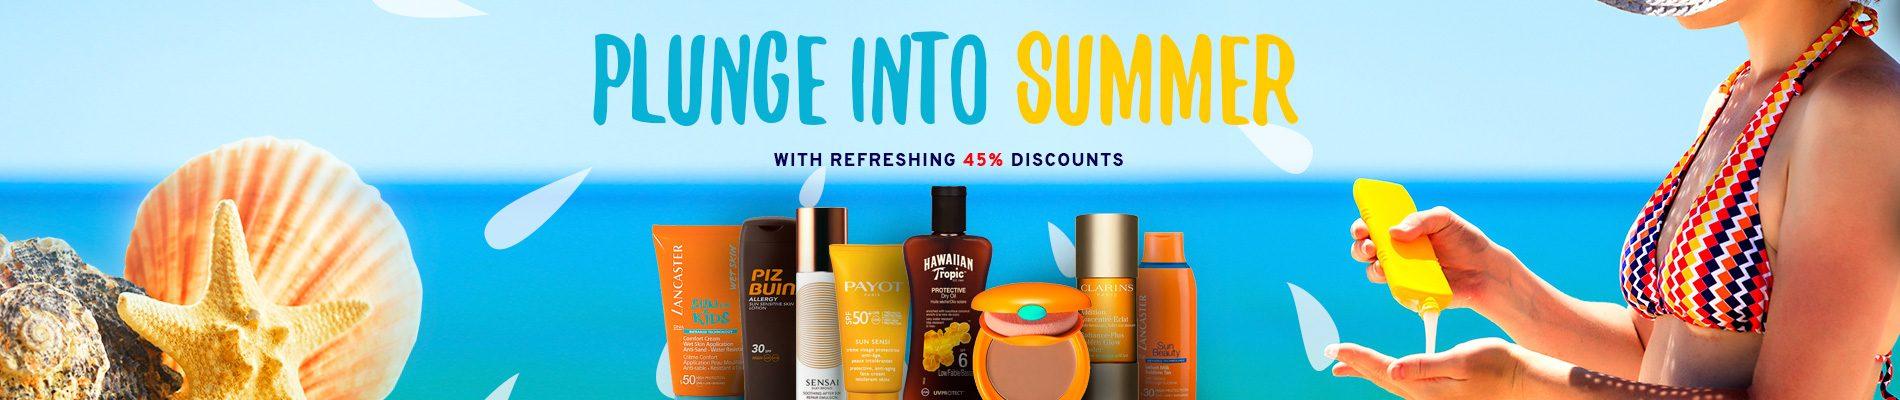 Duik de zomer in met verfrissende kortingen van 45%